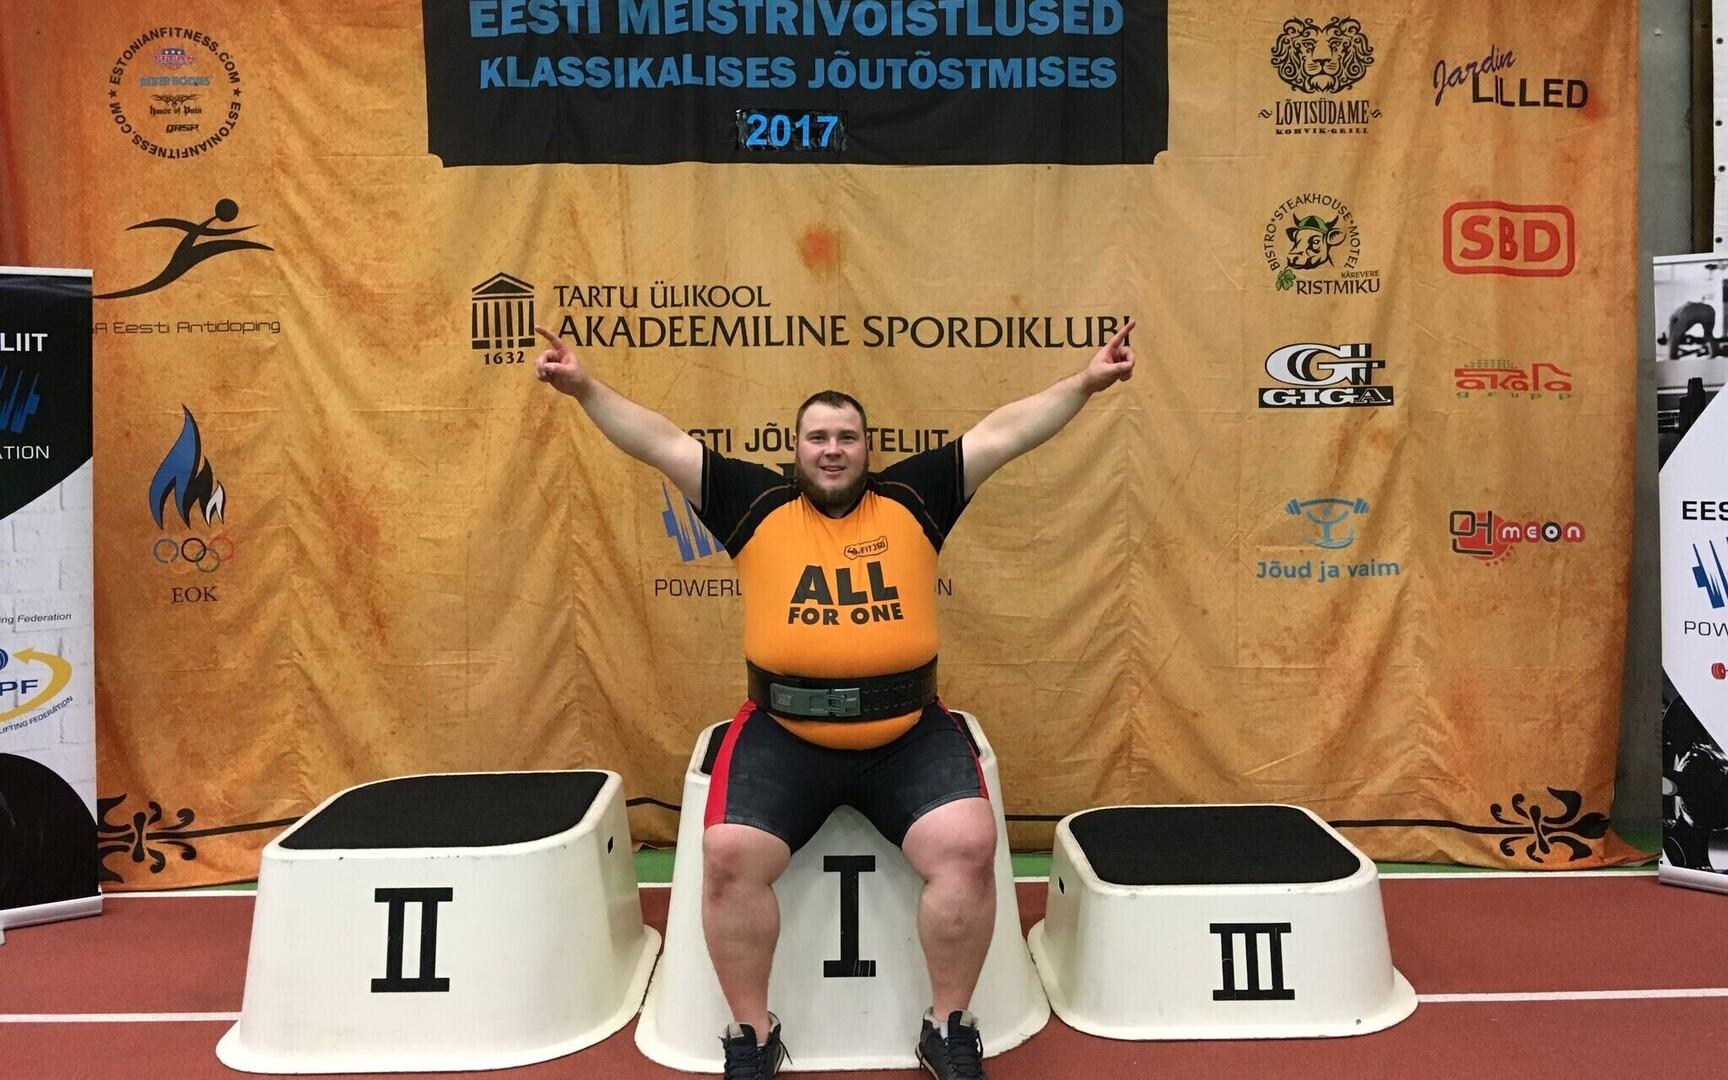 eef46034900 Klassikalise jõutõstmise Eesti meistrivõistlustel oli võidukas Siim ...